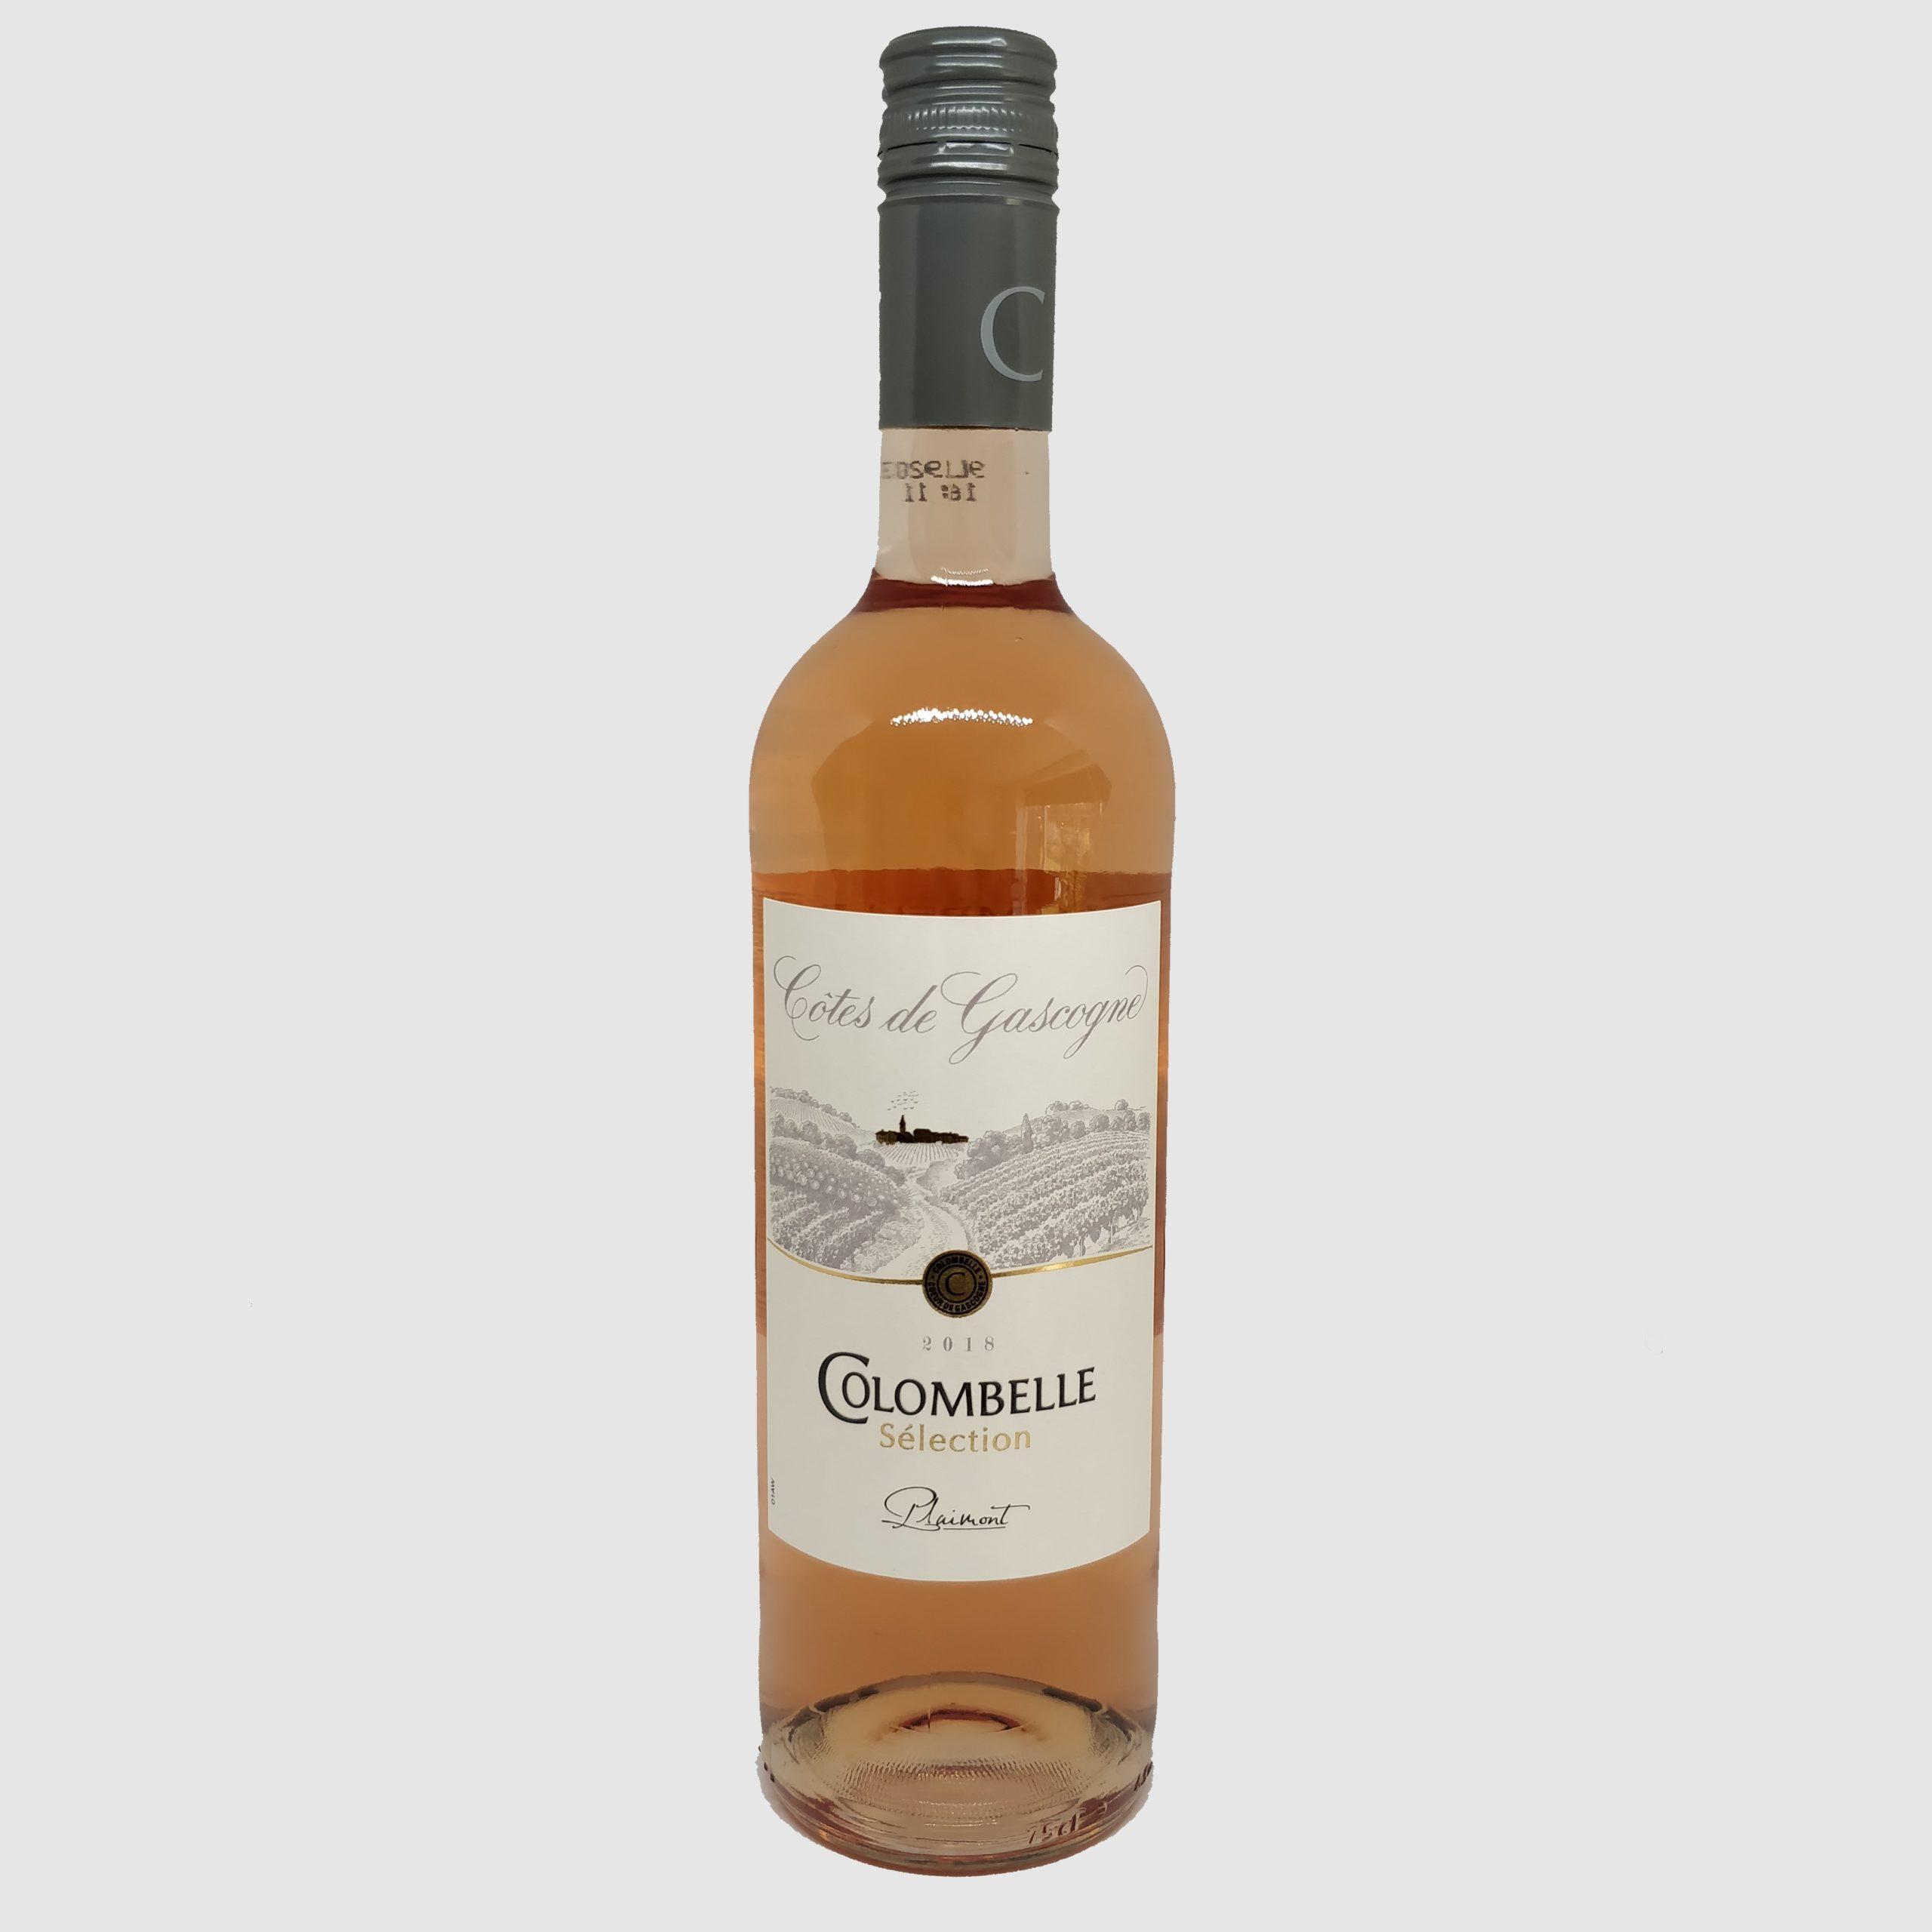 Colombelle rose - Gascogne